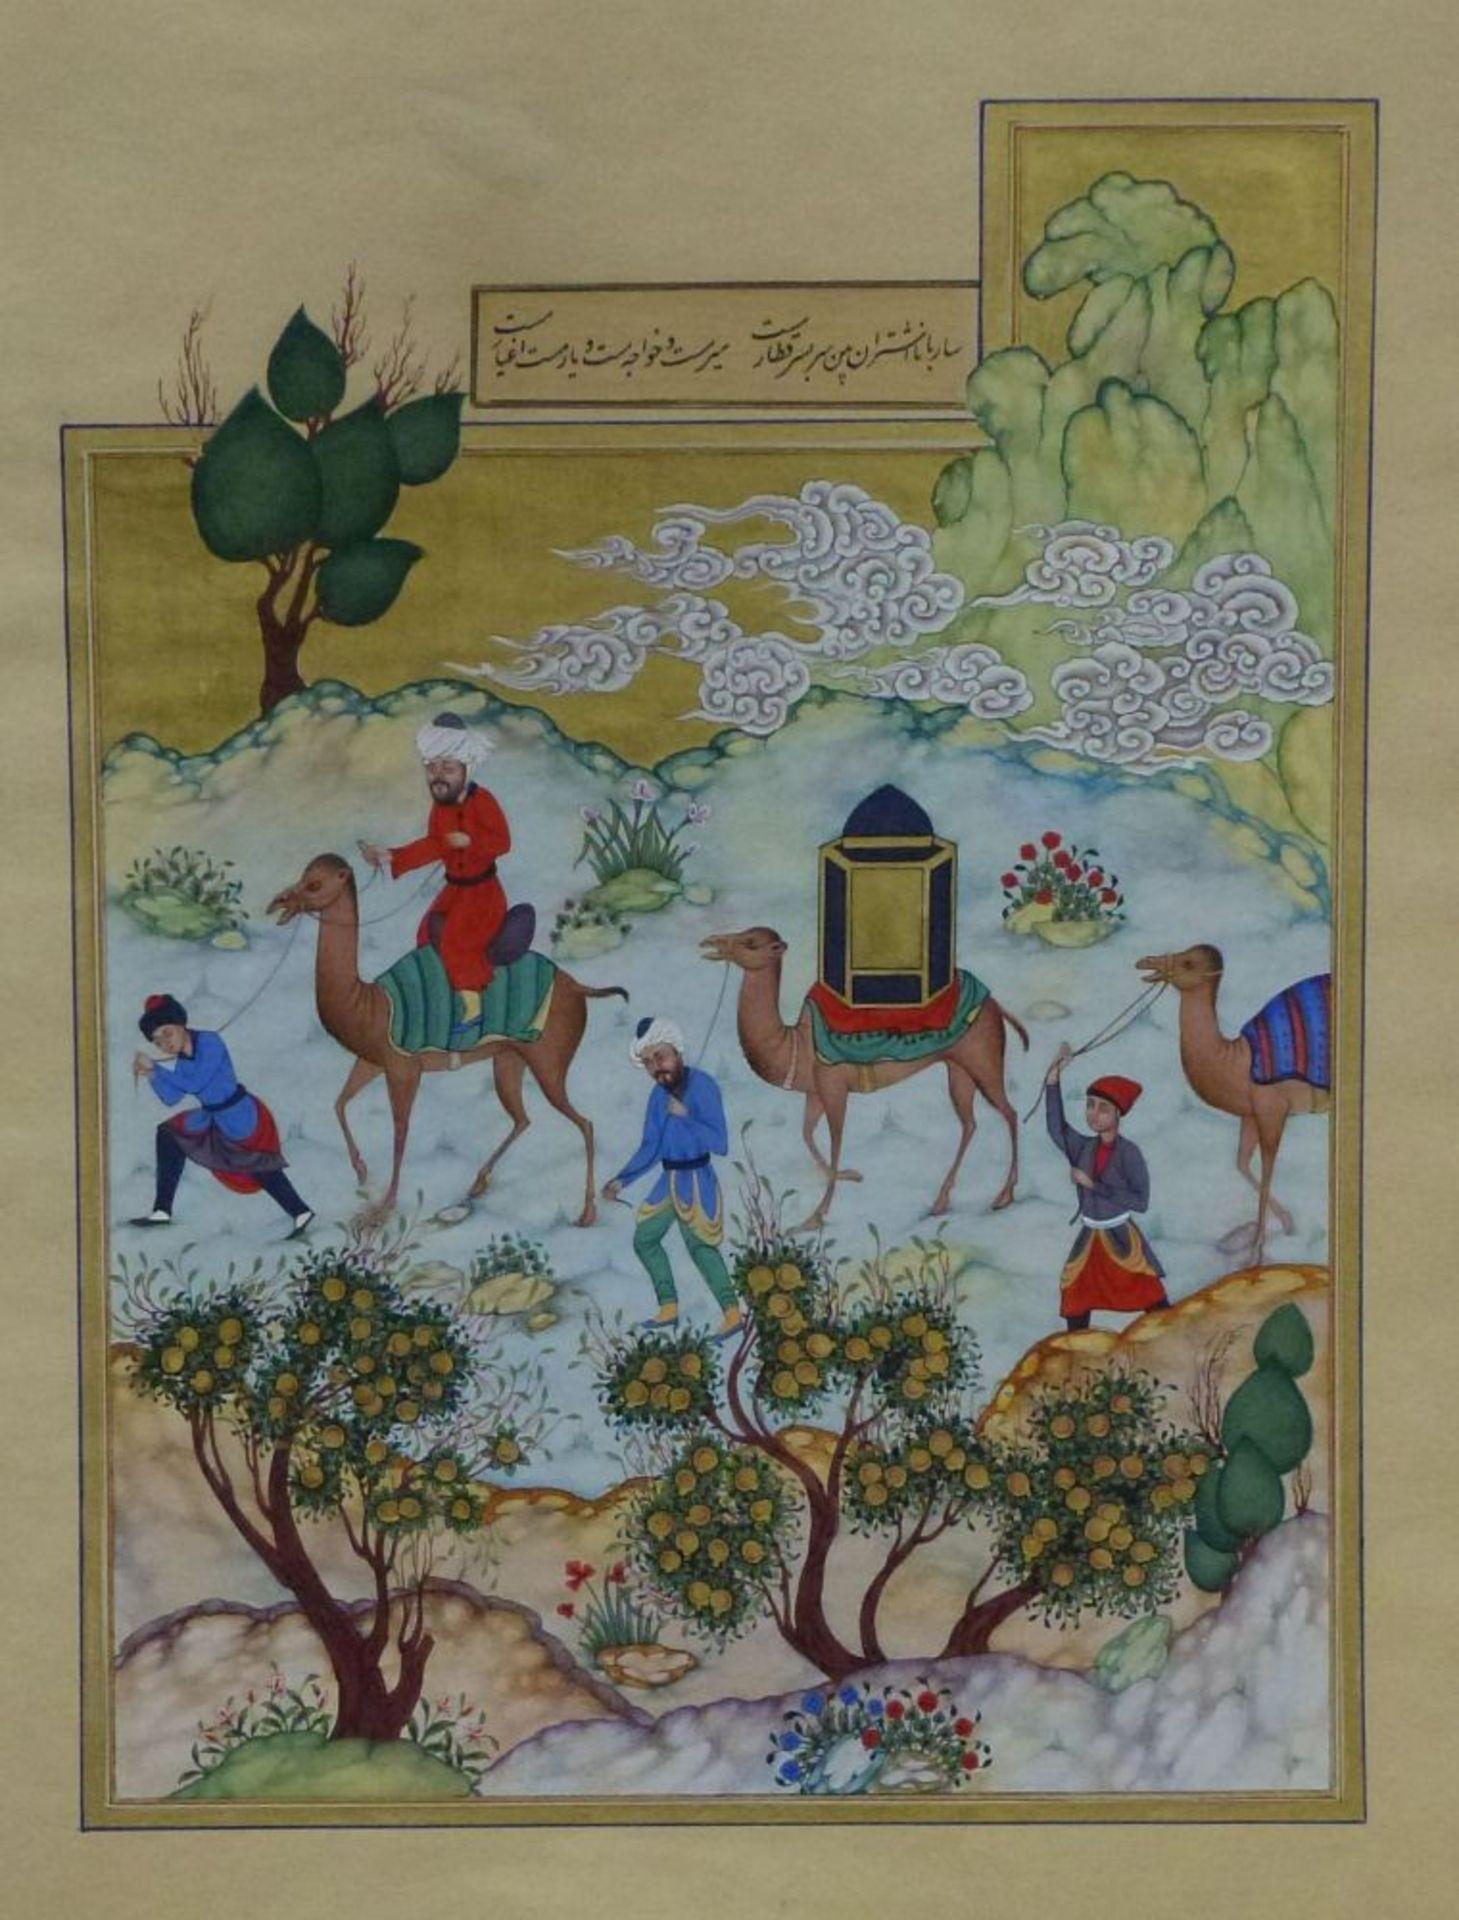 Los 5 - Karawanefeine Malerei auf Karton, goldstaffiert, in baumumstandener Felsenlandschaft, arab.